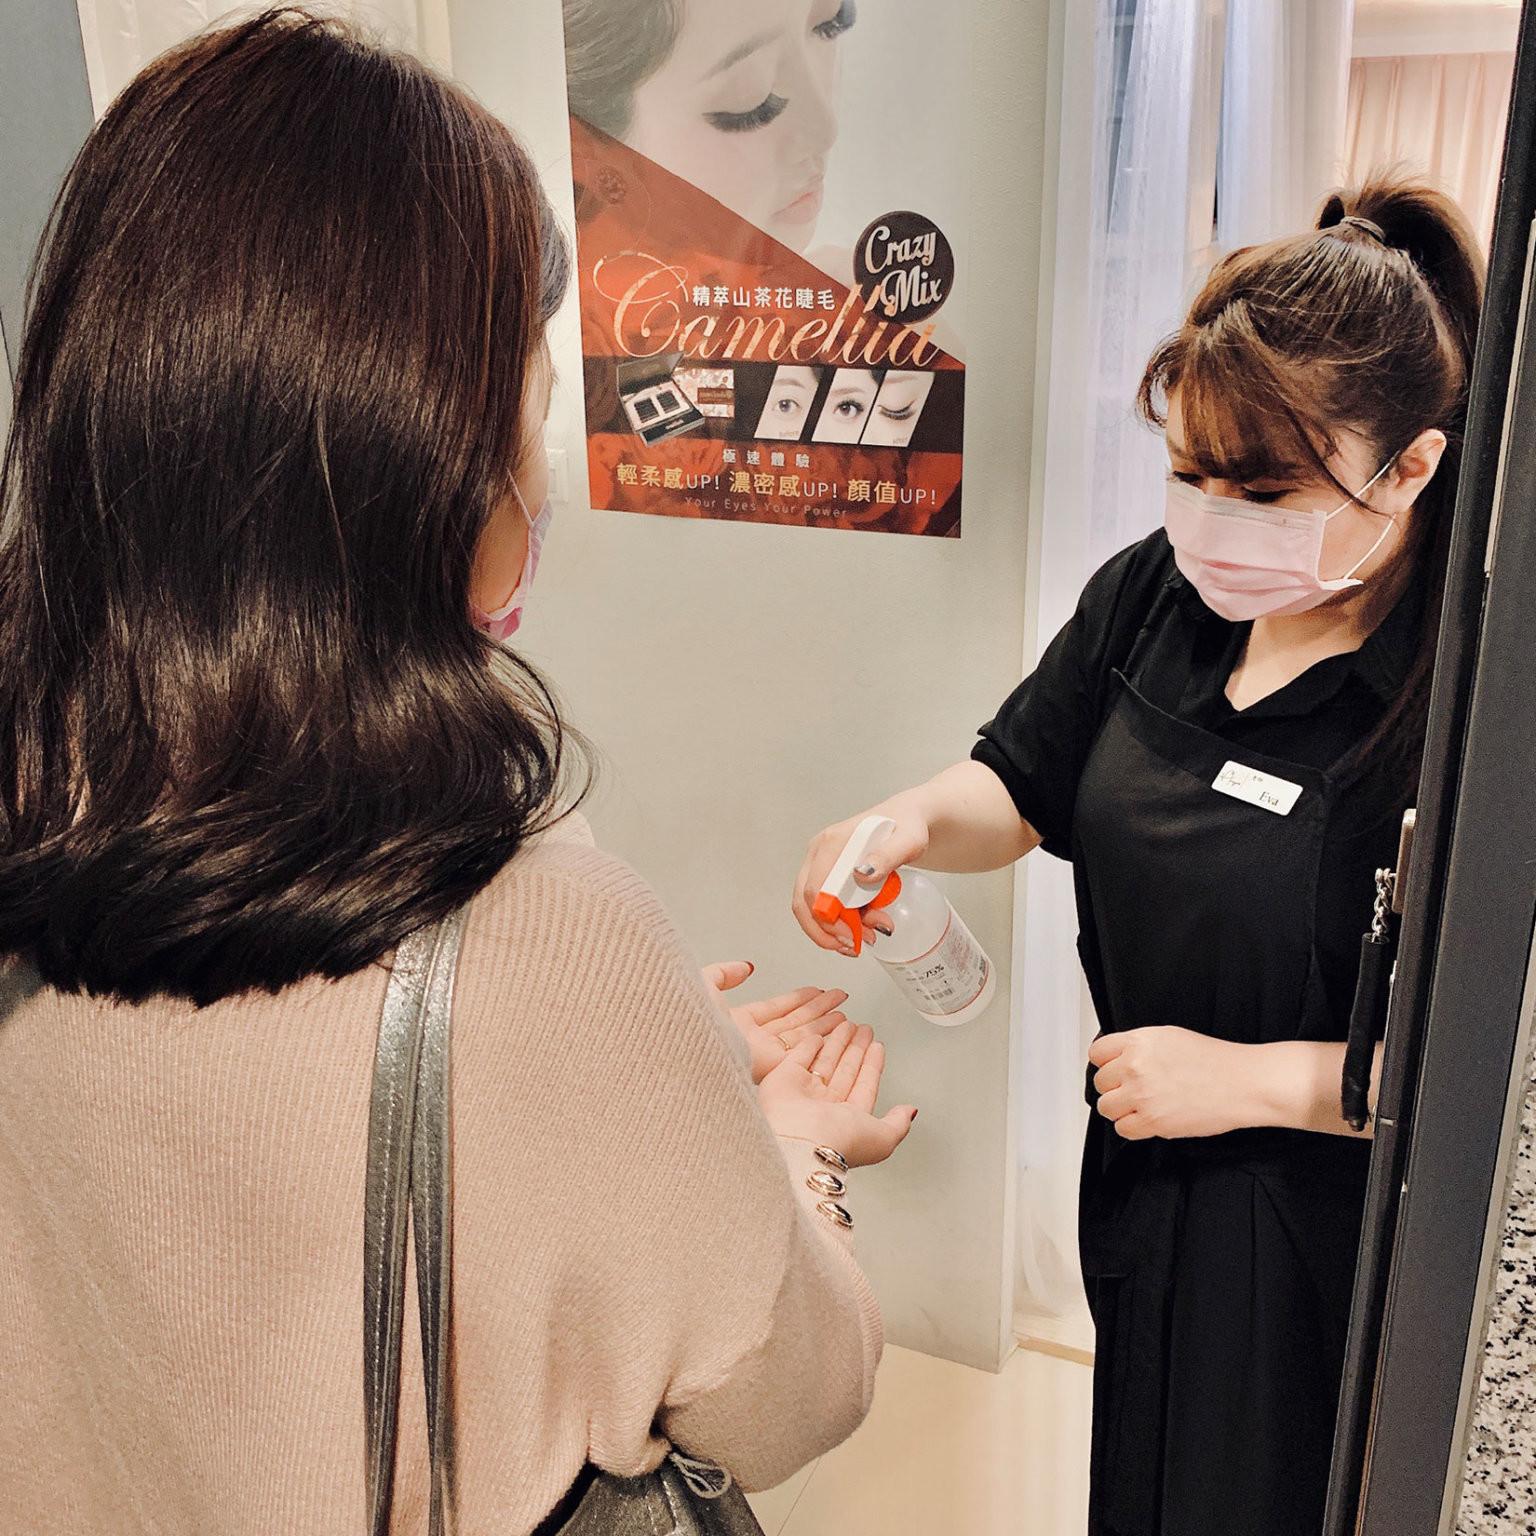 武漢肺炎接睫毛、霧眉前要先幫客人使用酒精消毒-台北IA專業美睫設計